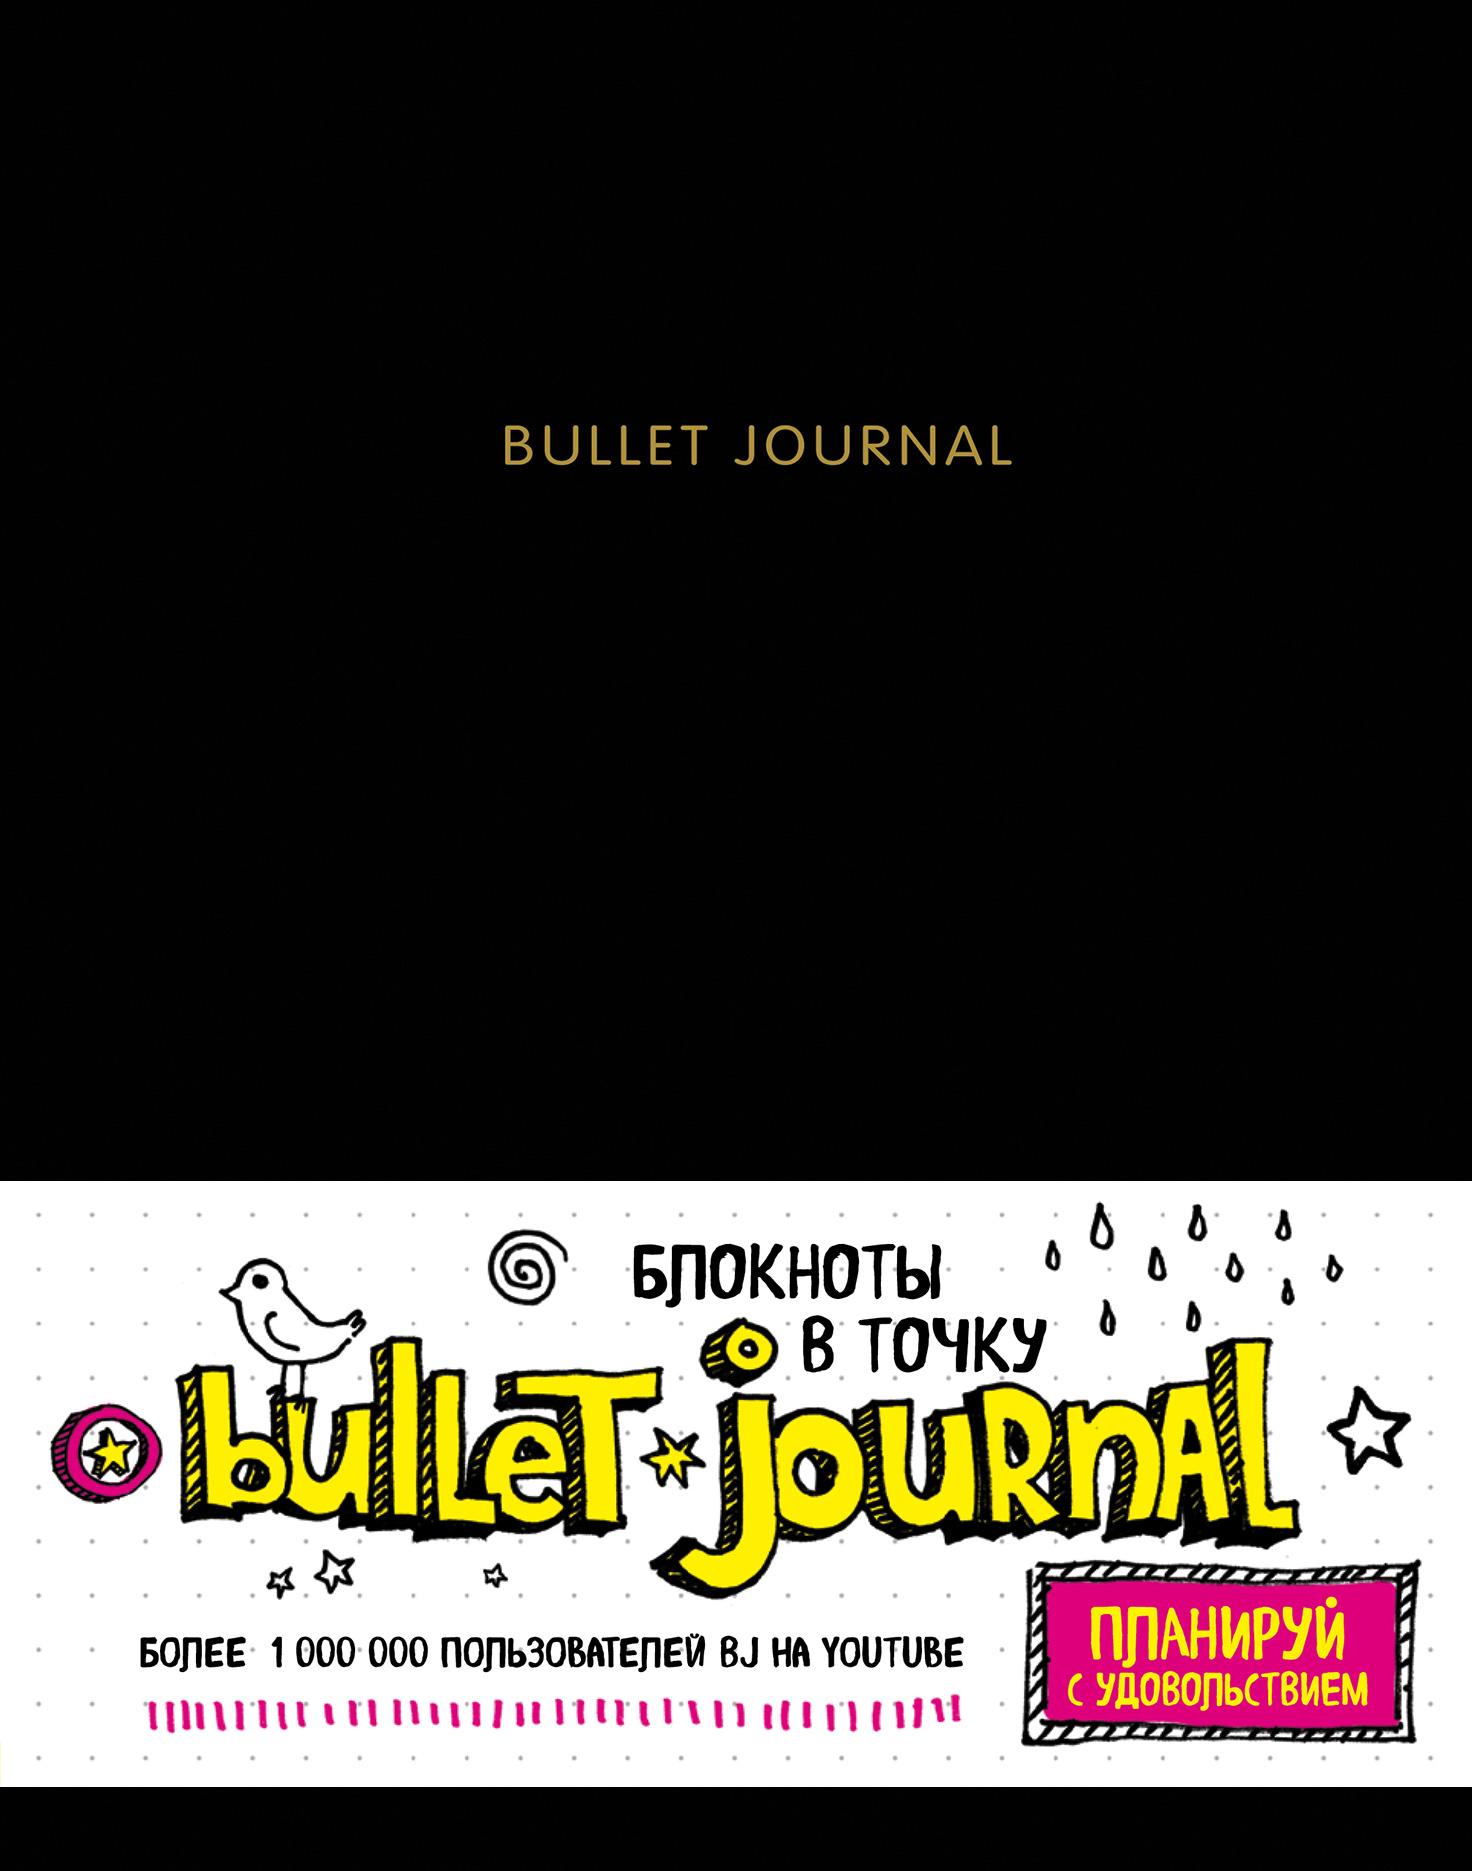 Блокнот в точку: Bullet journal (черный)